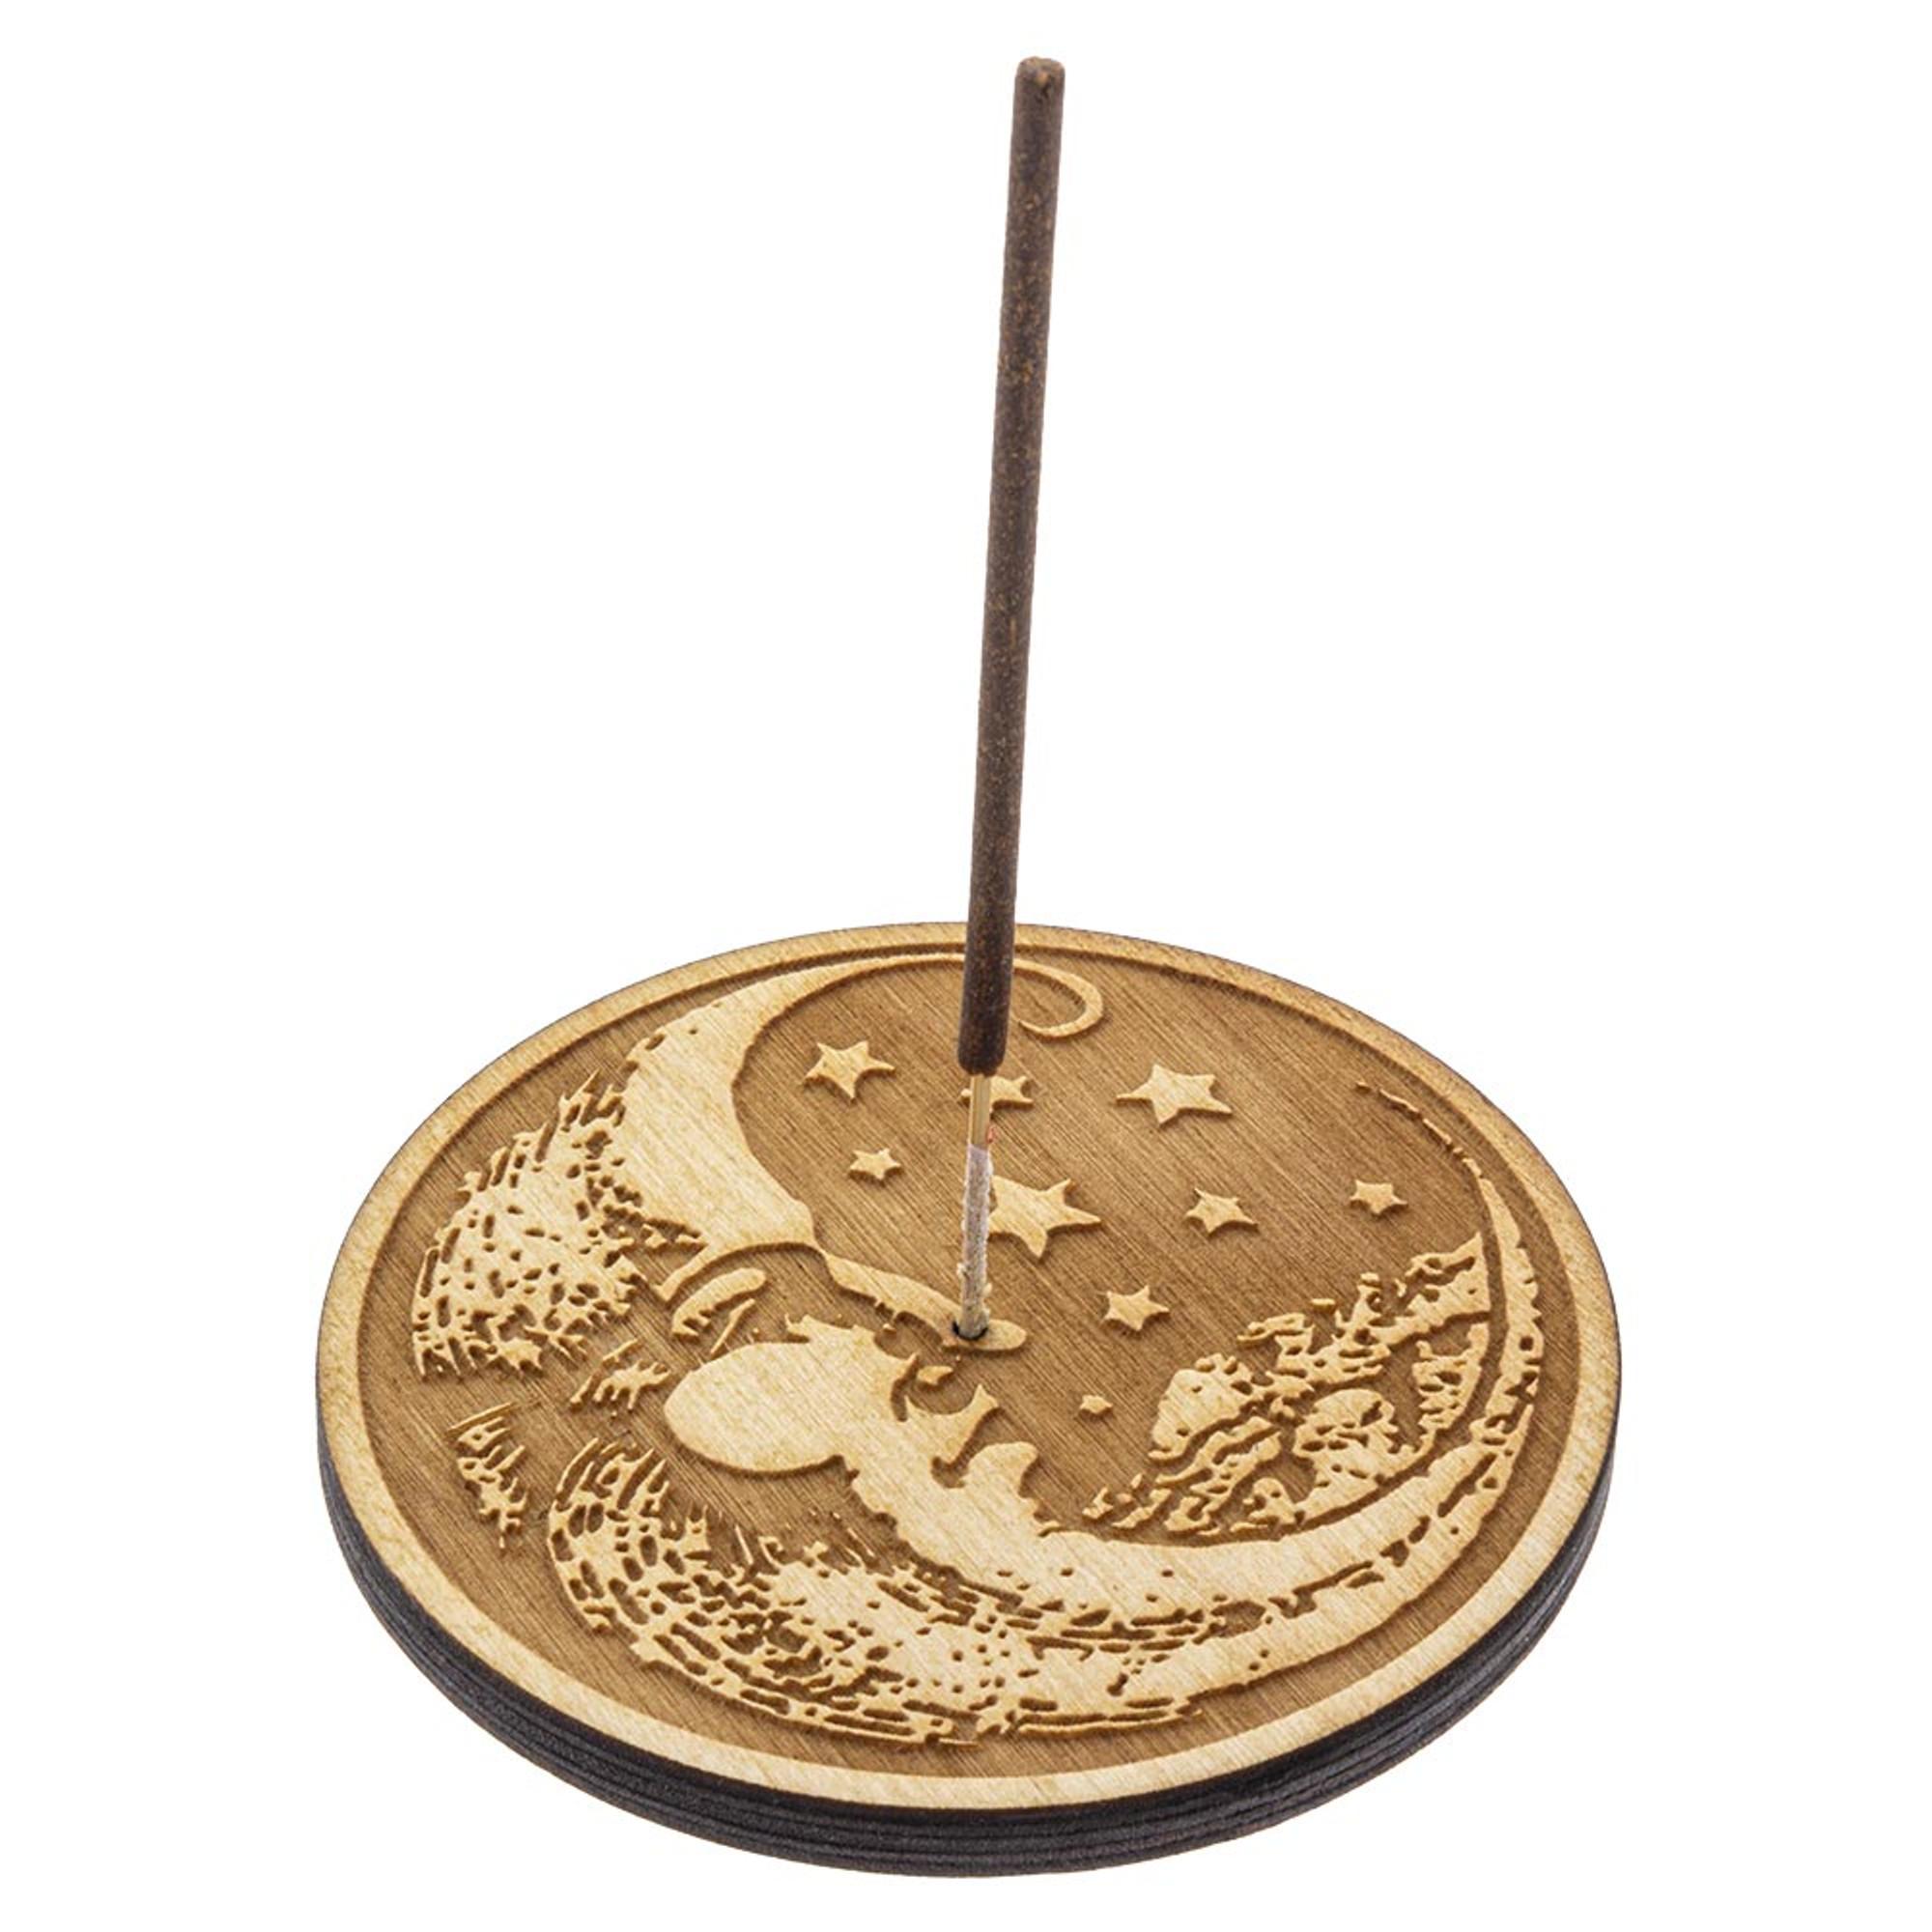 Etched Moon Incense Burner 3 5 Round Stick Incense Holder